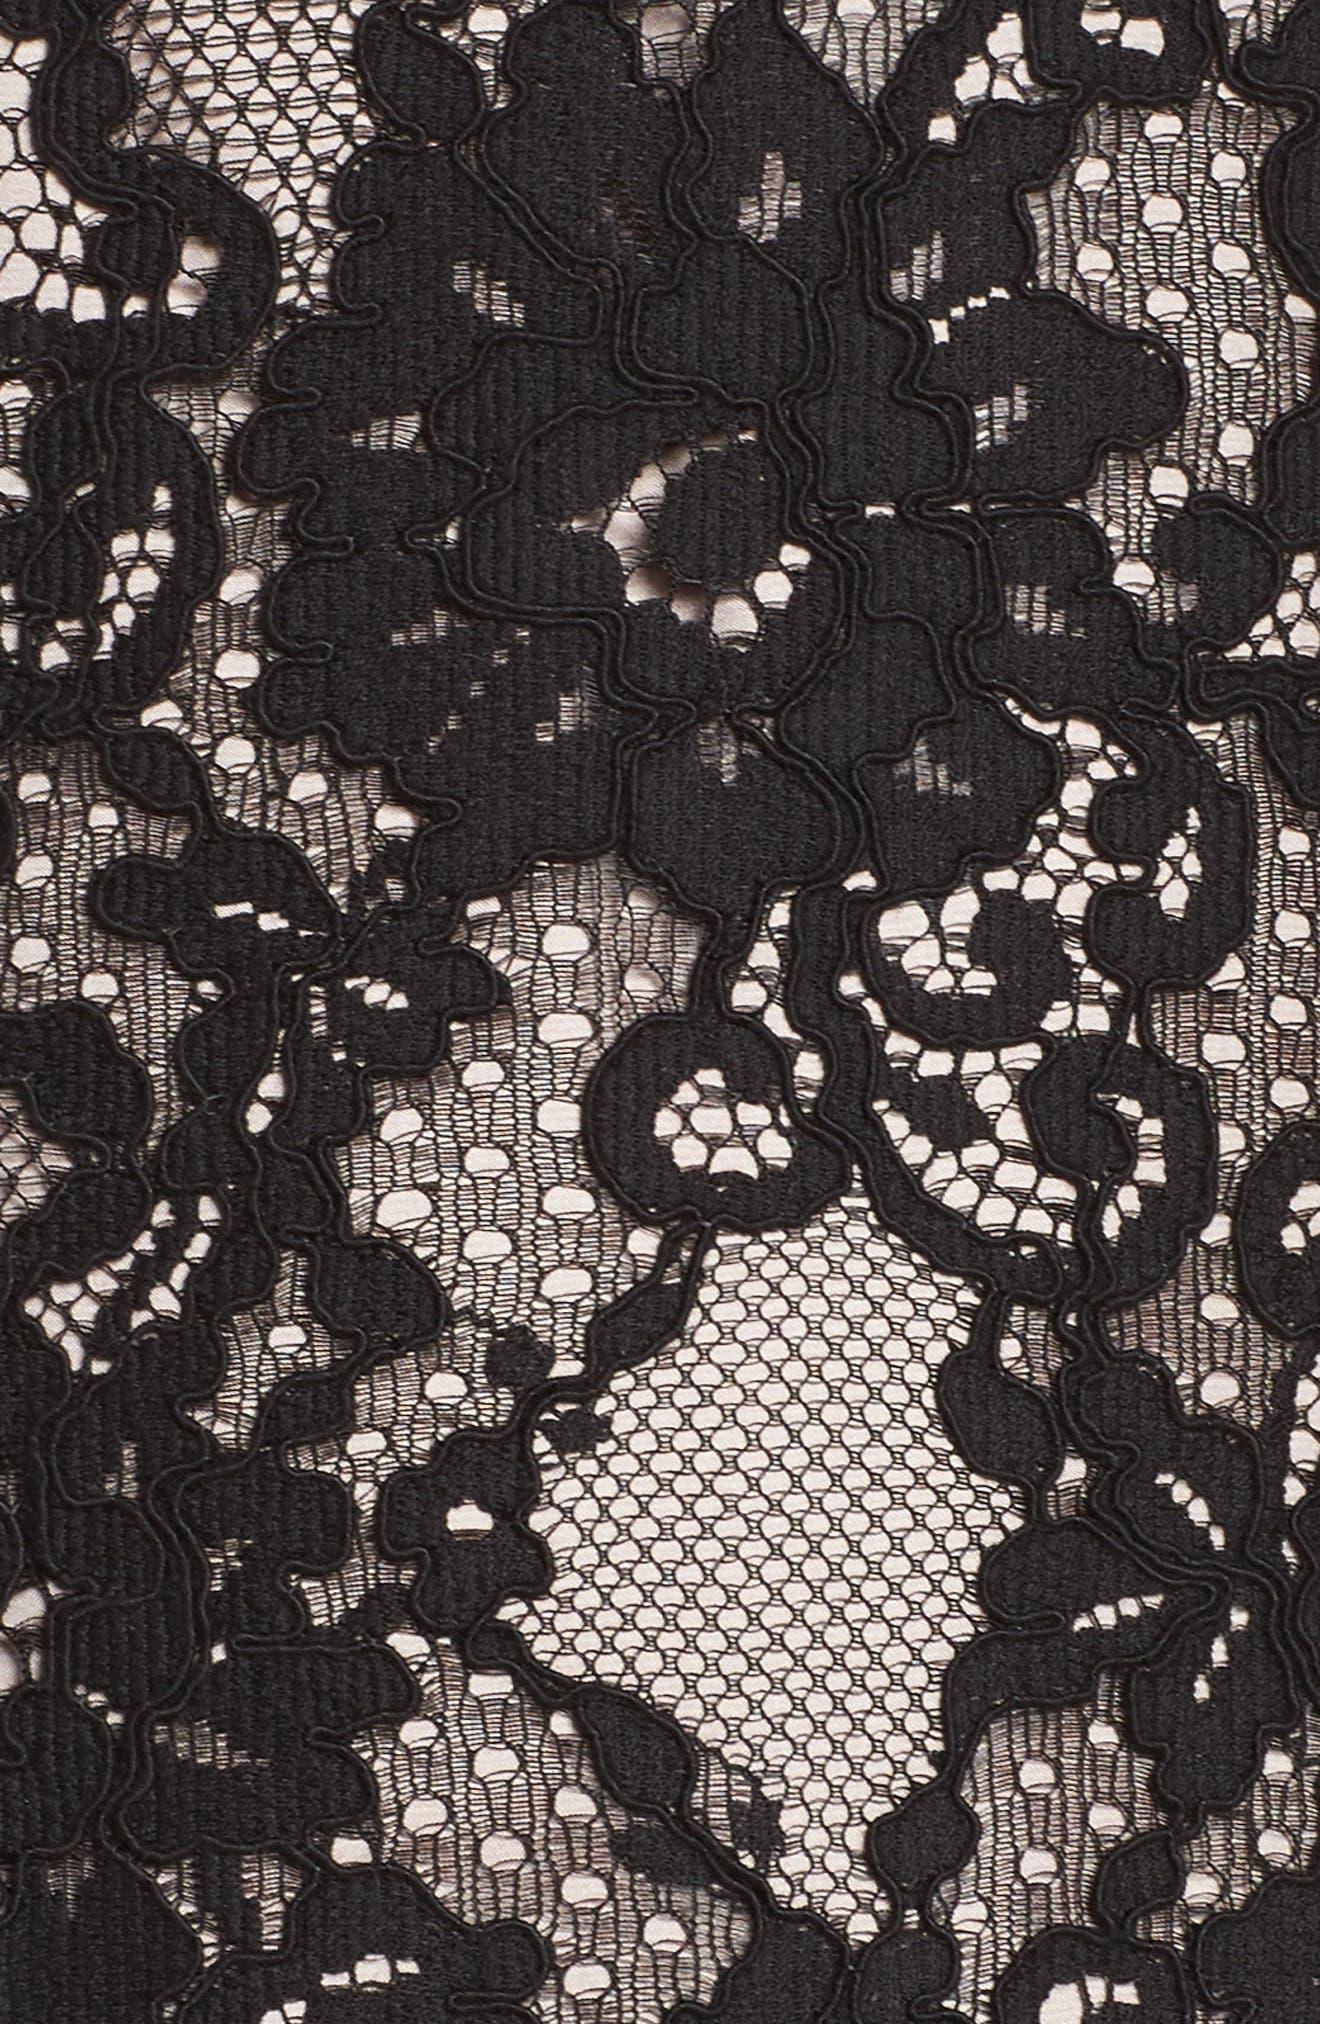 Hale Lace Sheath Dress,                             Alternate thumbnail 5, color,                             Black